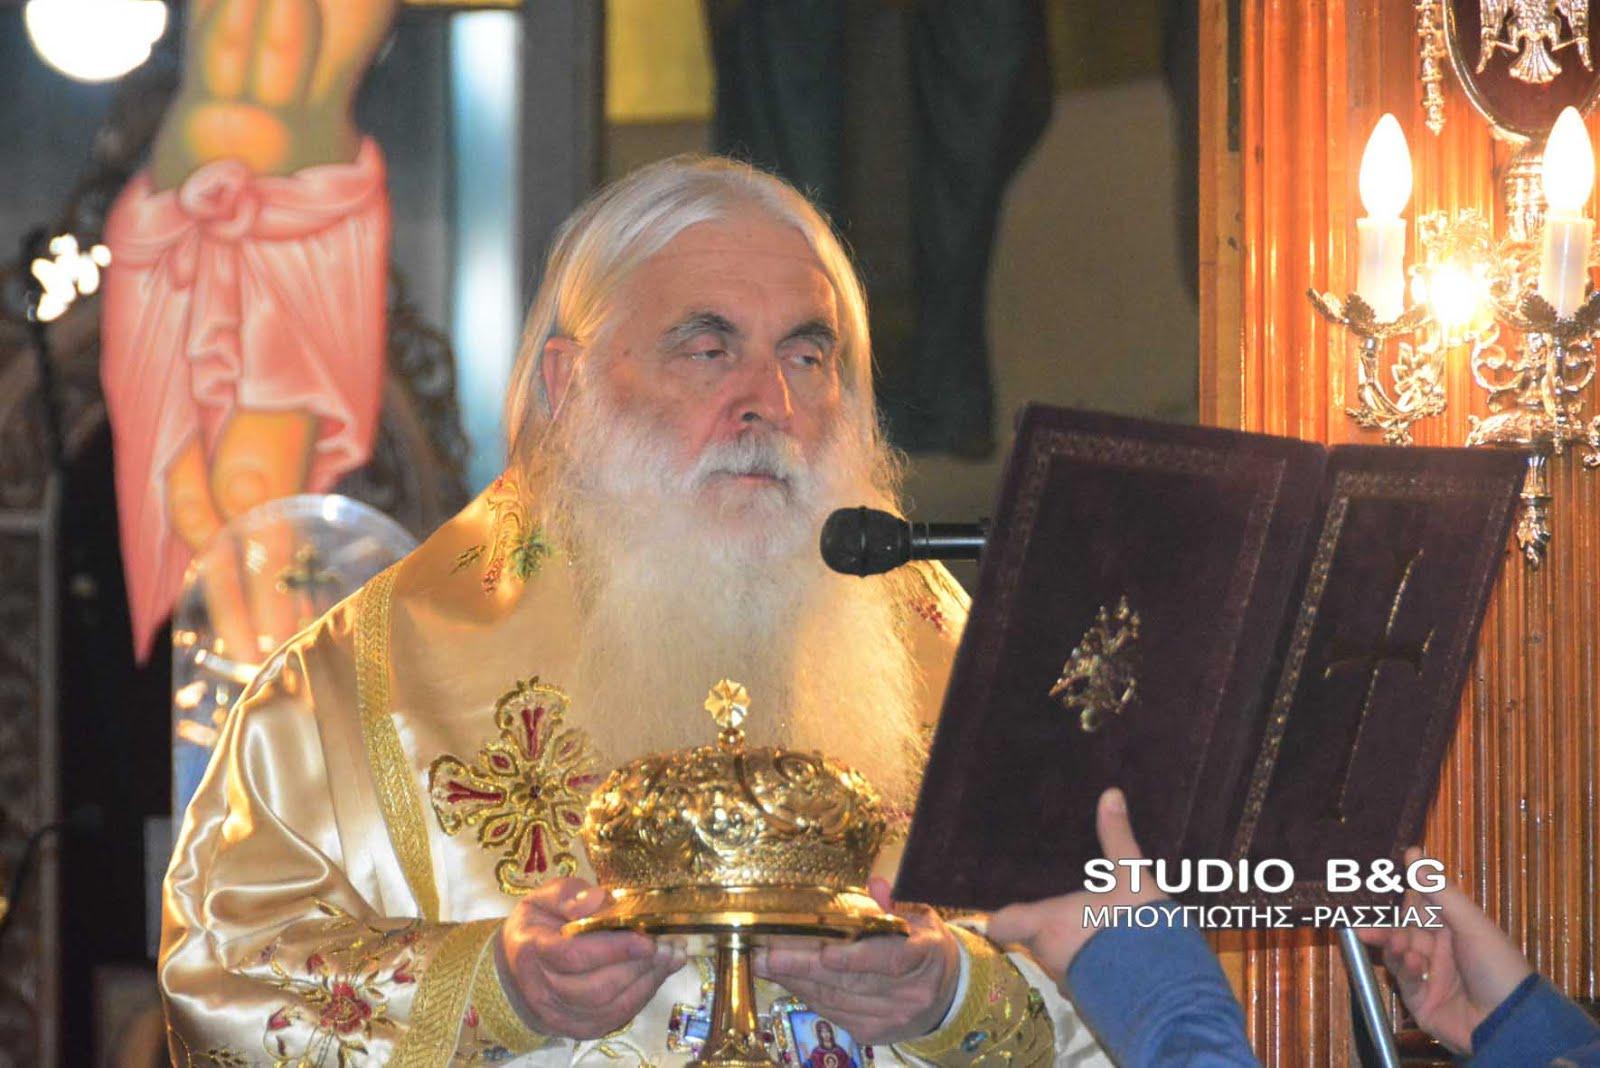 Κυριακή της Ορθοδοξίας στην Ιερά Μητρόπολη Αργολίδος